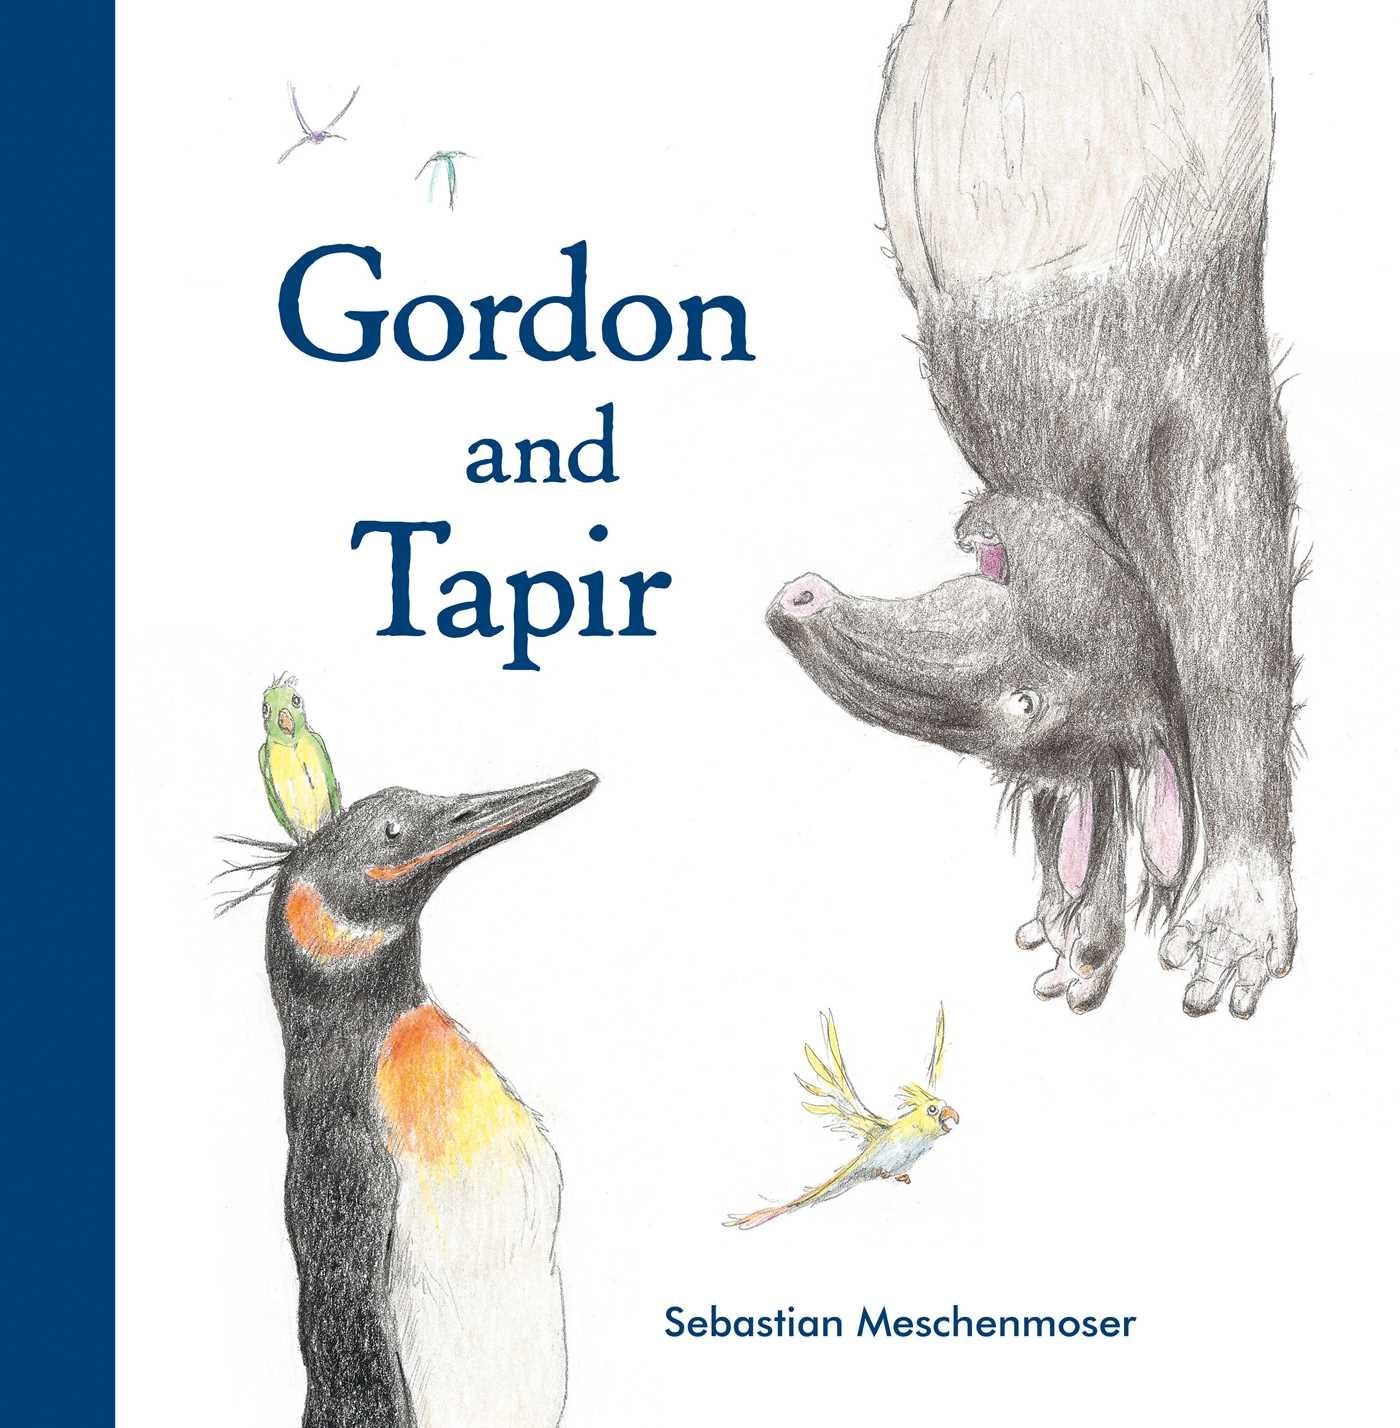 Gordon and tapir 9780735842533 hr